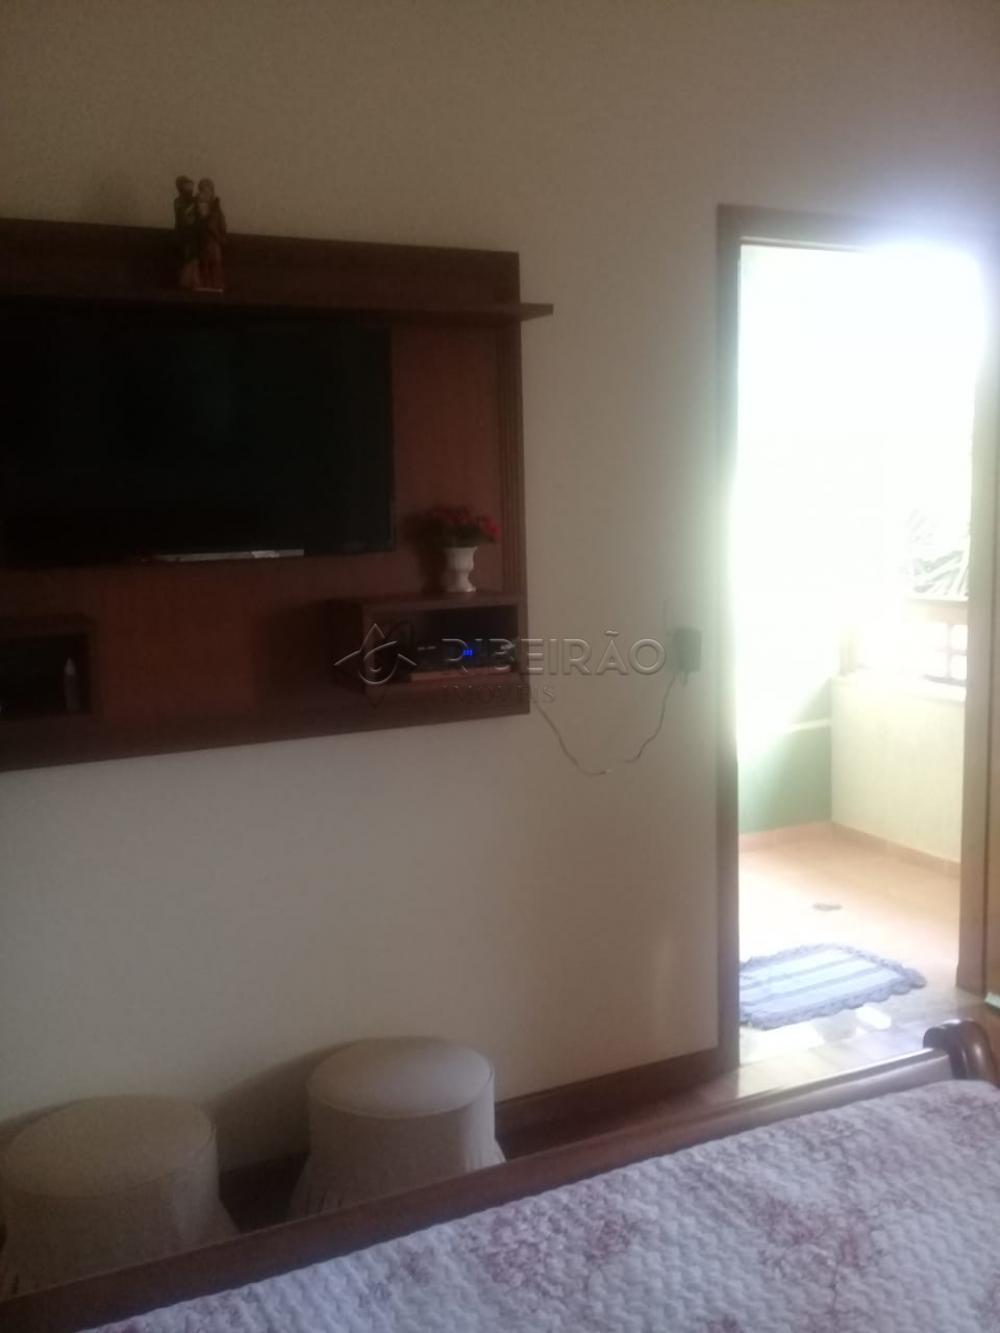 Comprar Casa / Condomínio em Bonfim Paulista apenas R$ 1.330.000,00 - Foto 14